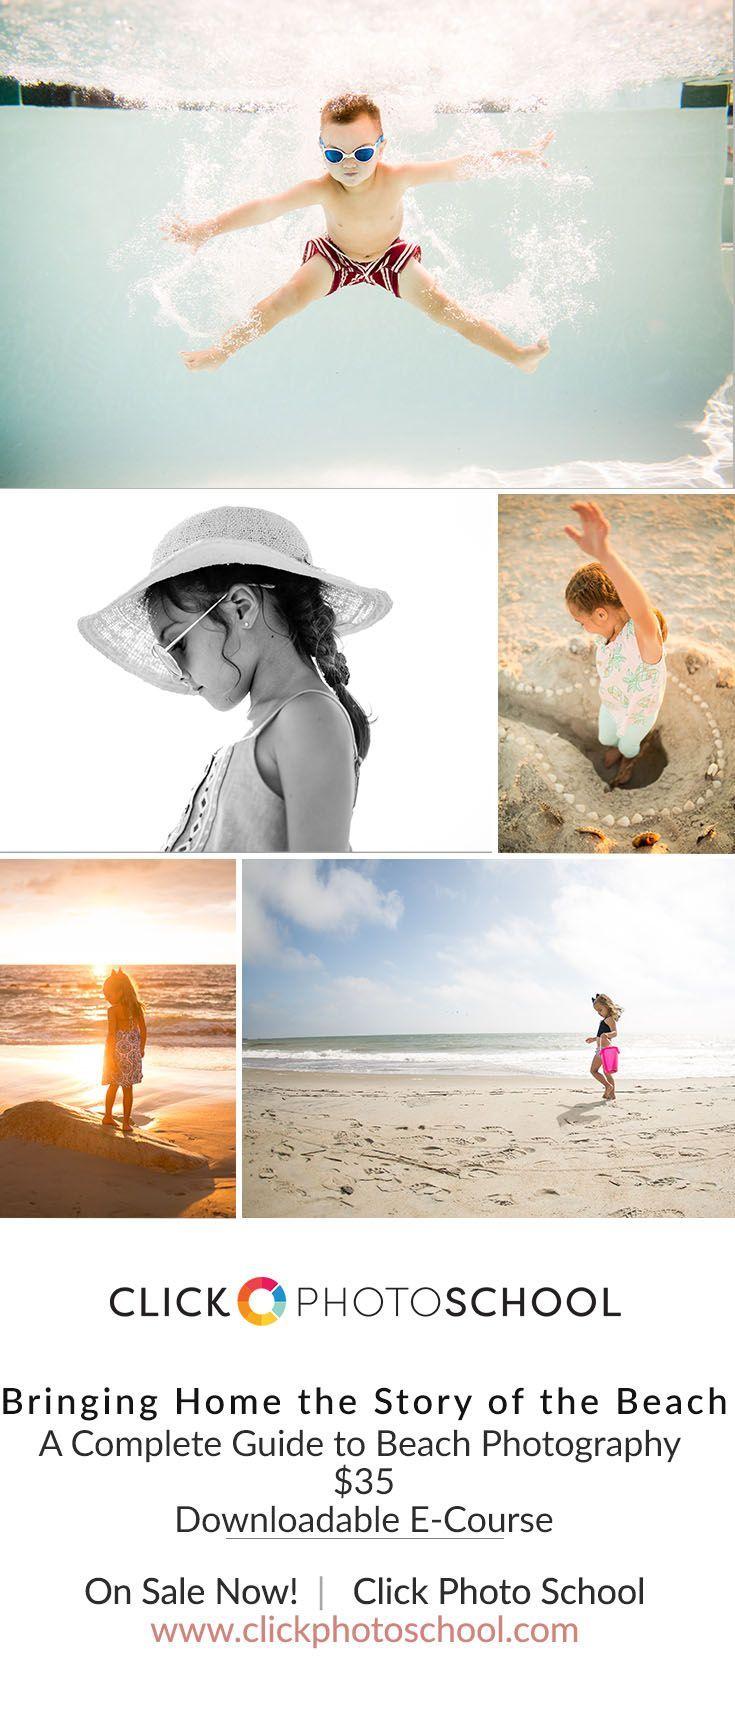 Beach Photography family | Beach Photography ideas | Beach Photography friends |...